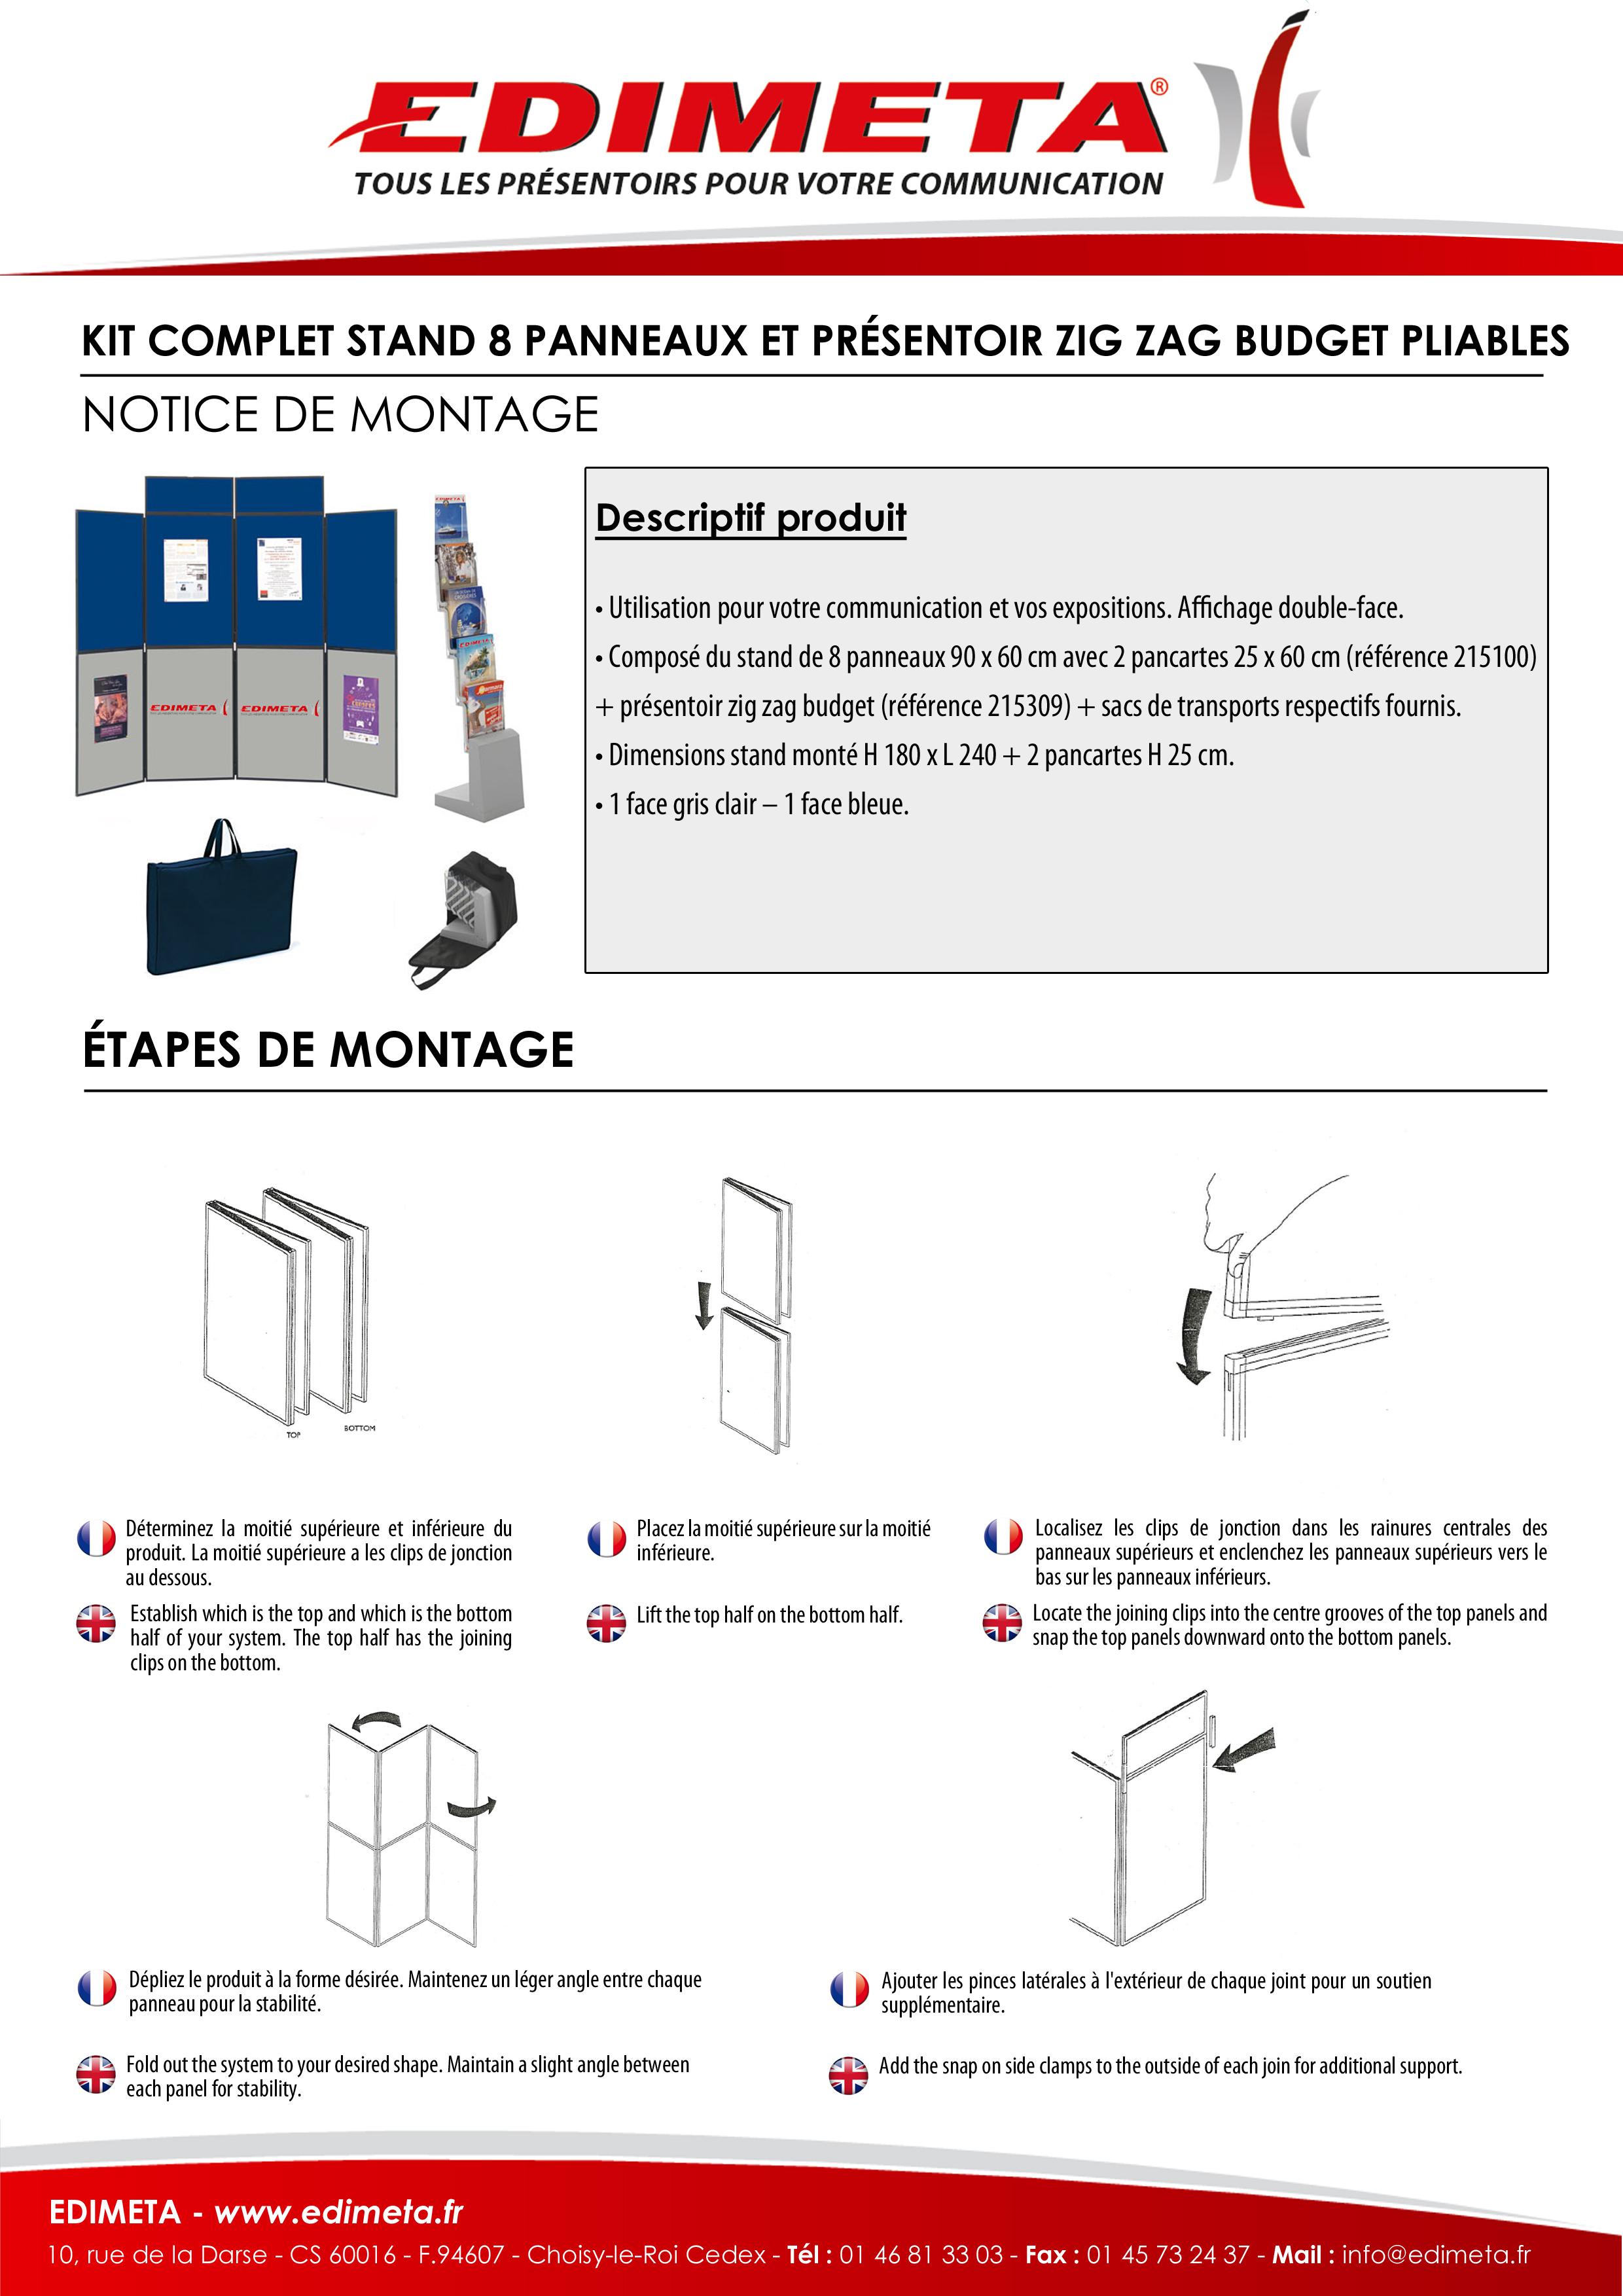 NOTICE DE MONTAGE : KIT COMPLET STAND 8 PANNEAUX ET PRÉSENTOIR ZIG ZAG BUDGET PLIABLES